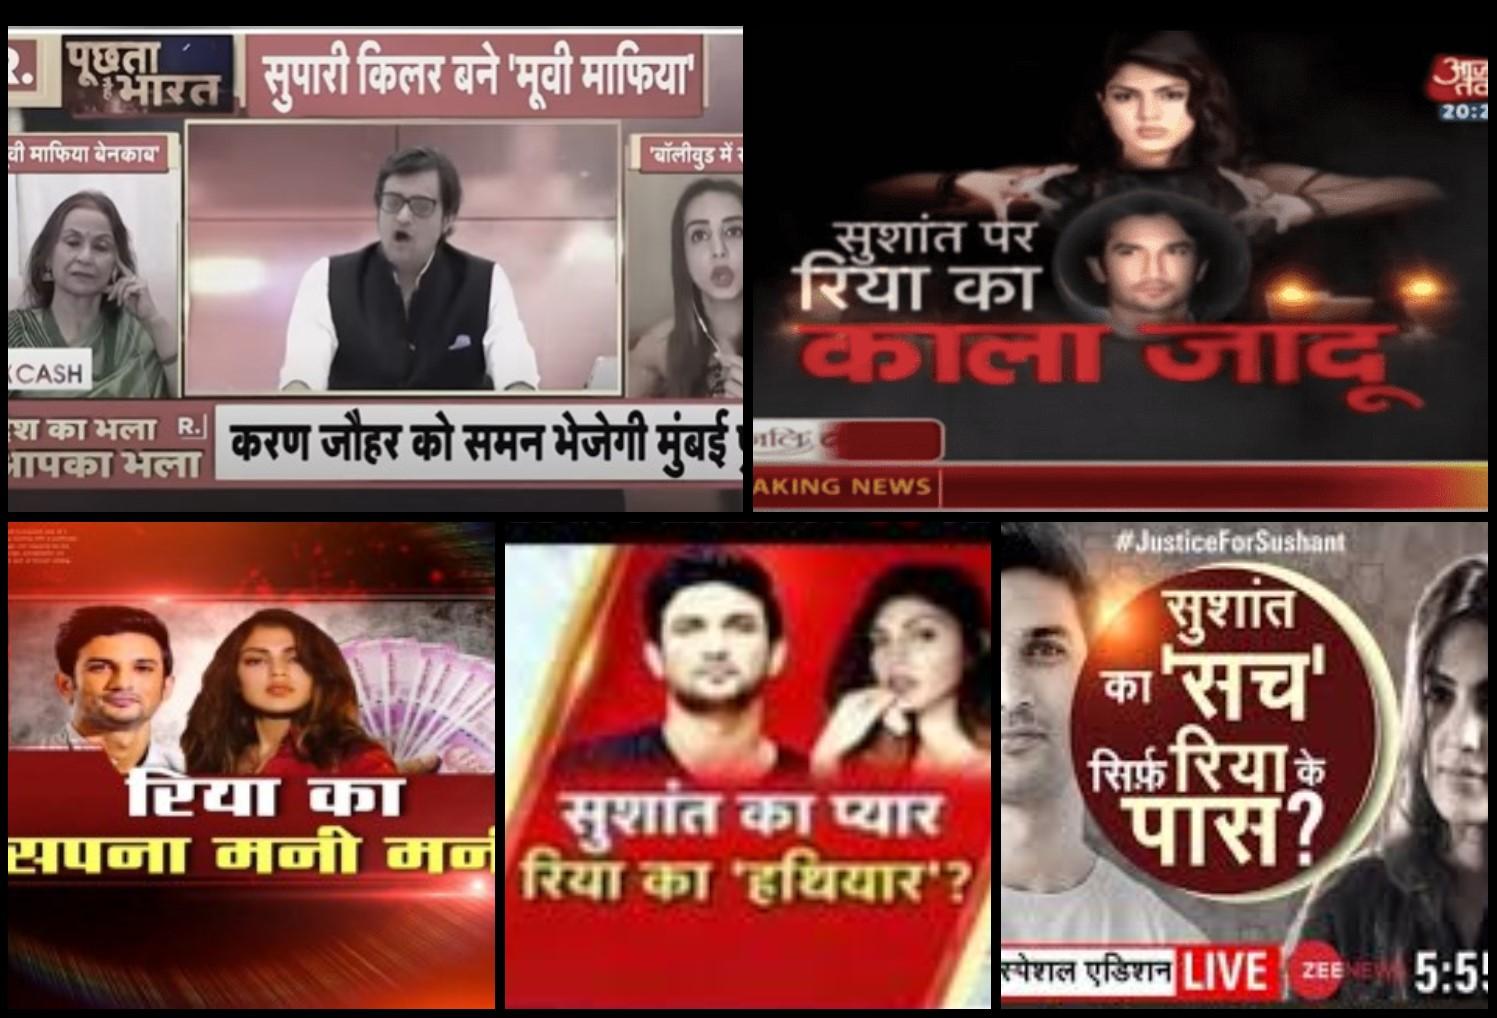 سشانت معاملے کو لےکر مختلف ٹی وی چینلوں کی کوریج(بہ شکریہ :متعلقہ چینل/ویڈیوگریب)